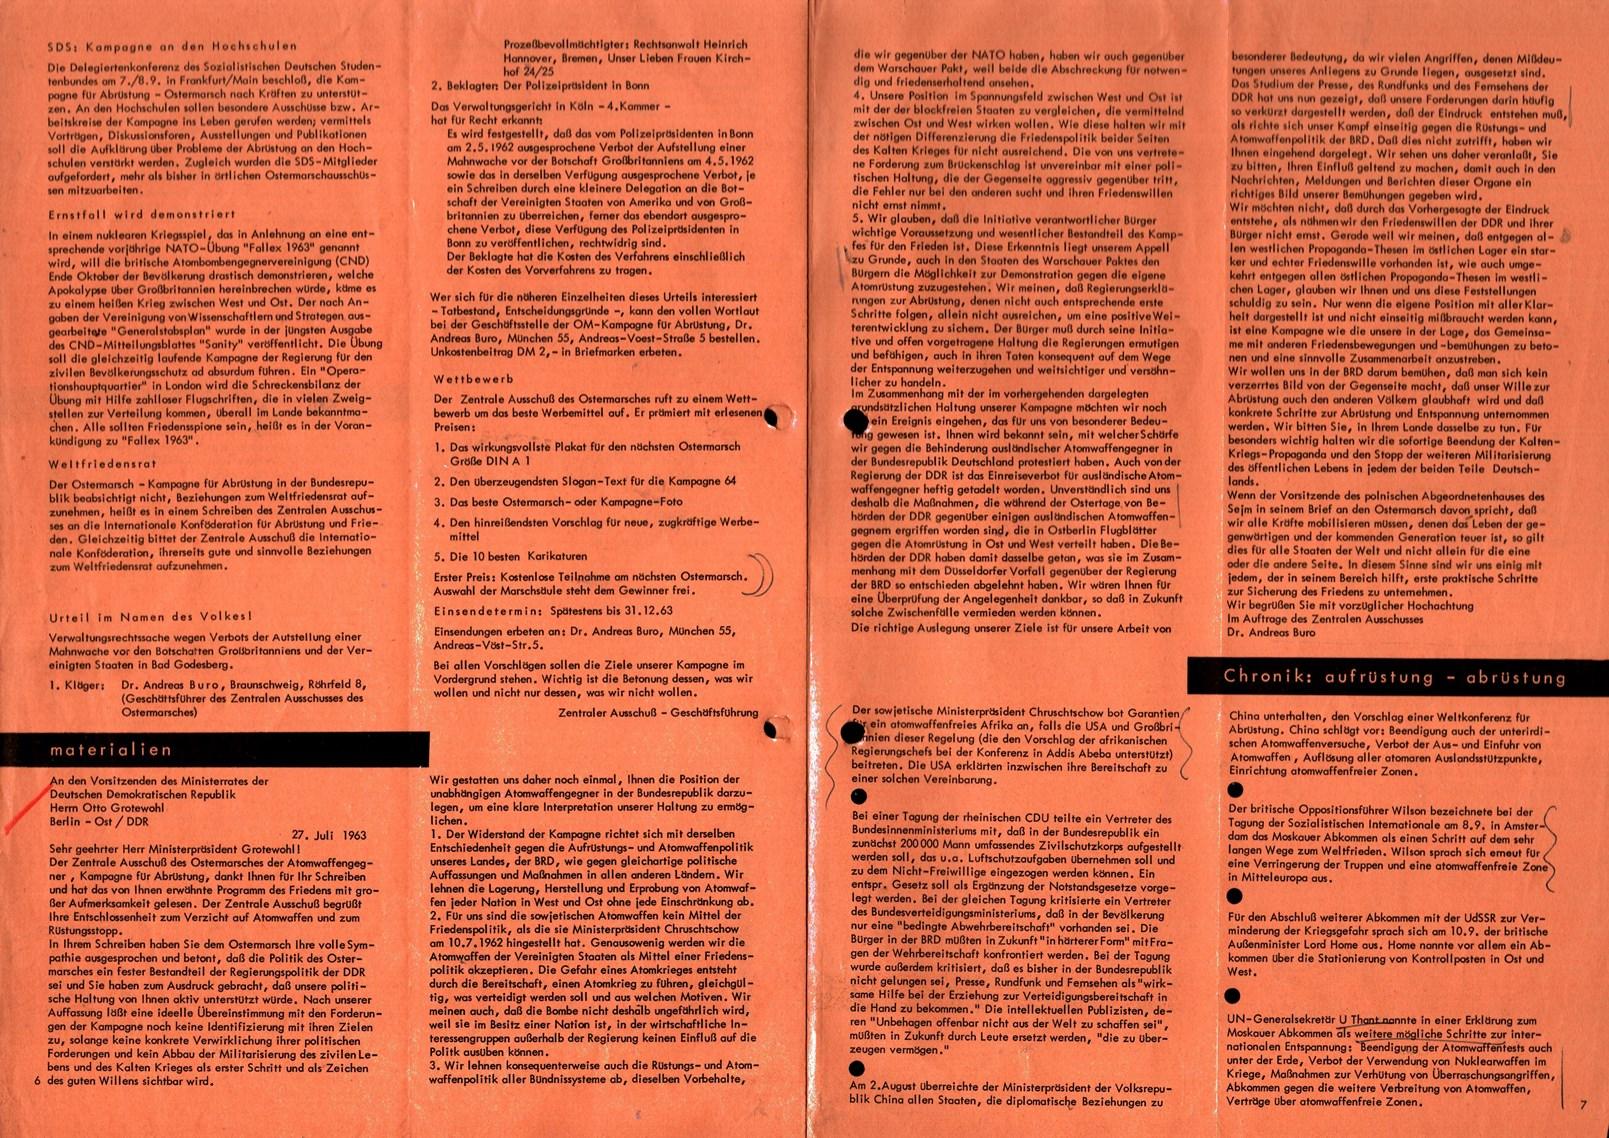 Infos_zur_Abruestung_1963_003_004